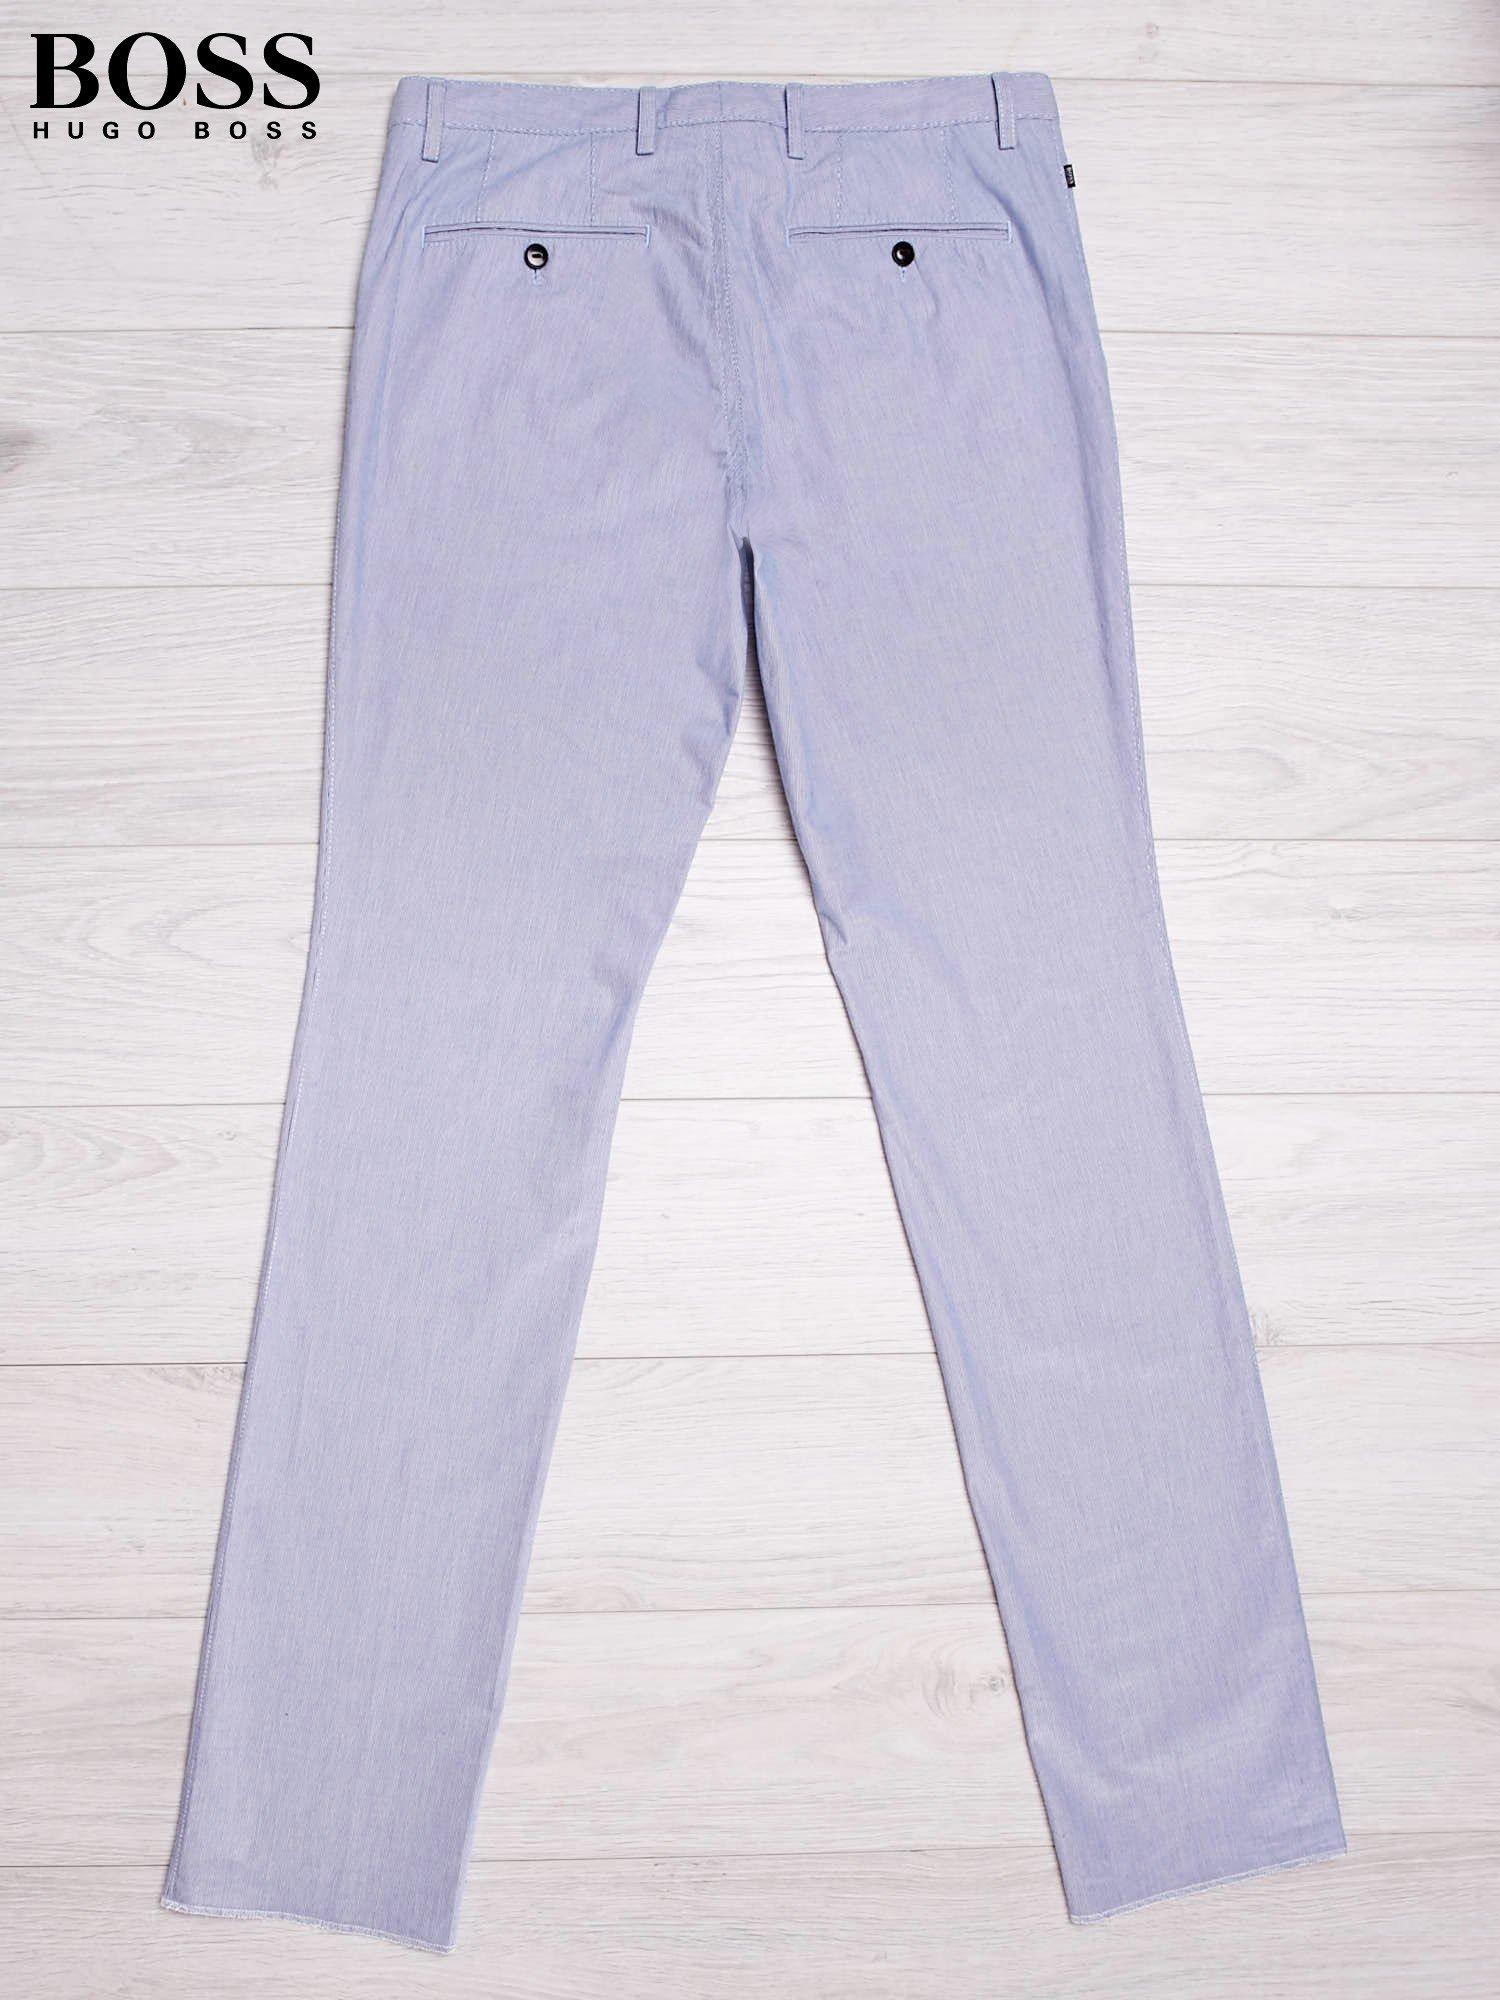 af71892895239 HUGO BOSS Jasnoniebieskie spodnie męskie w drobne paski - Mężczyźni ...